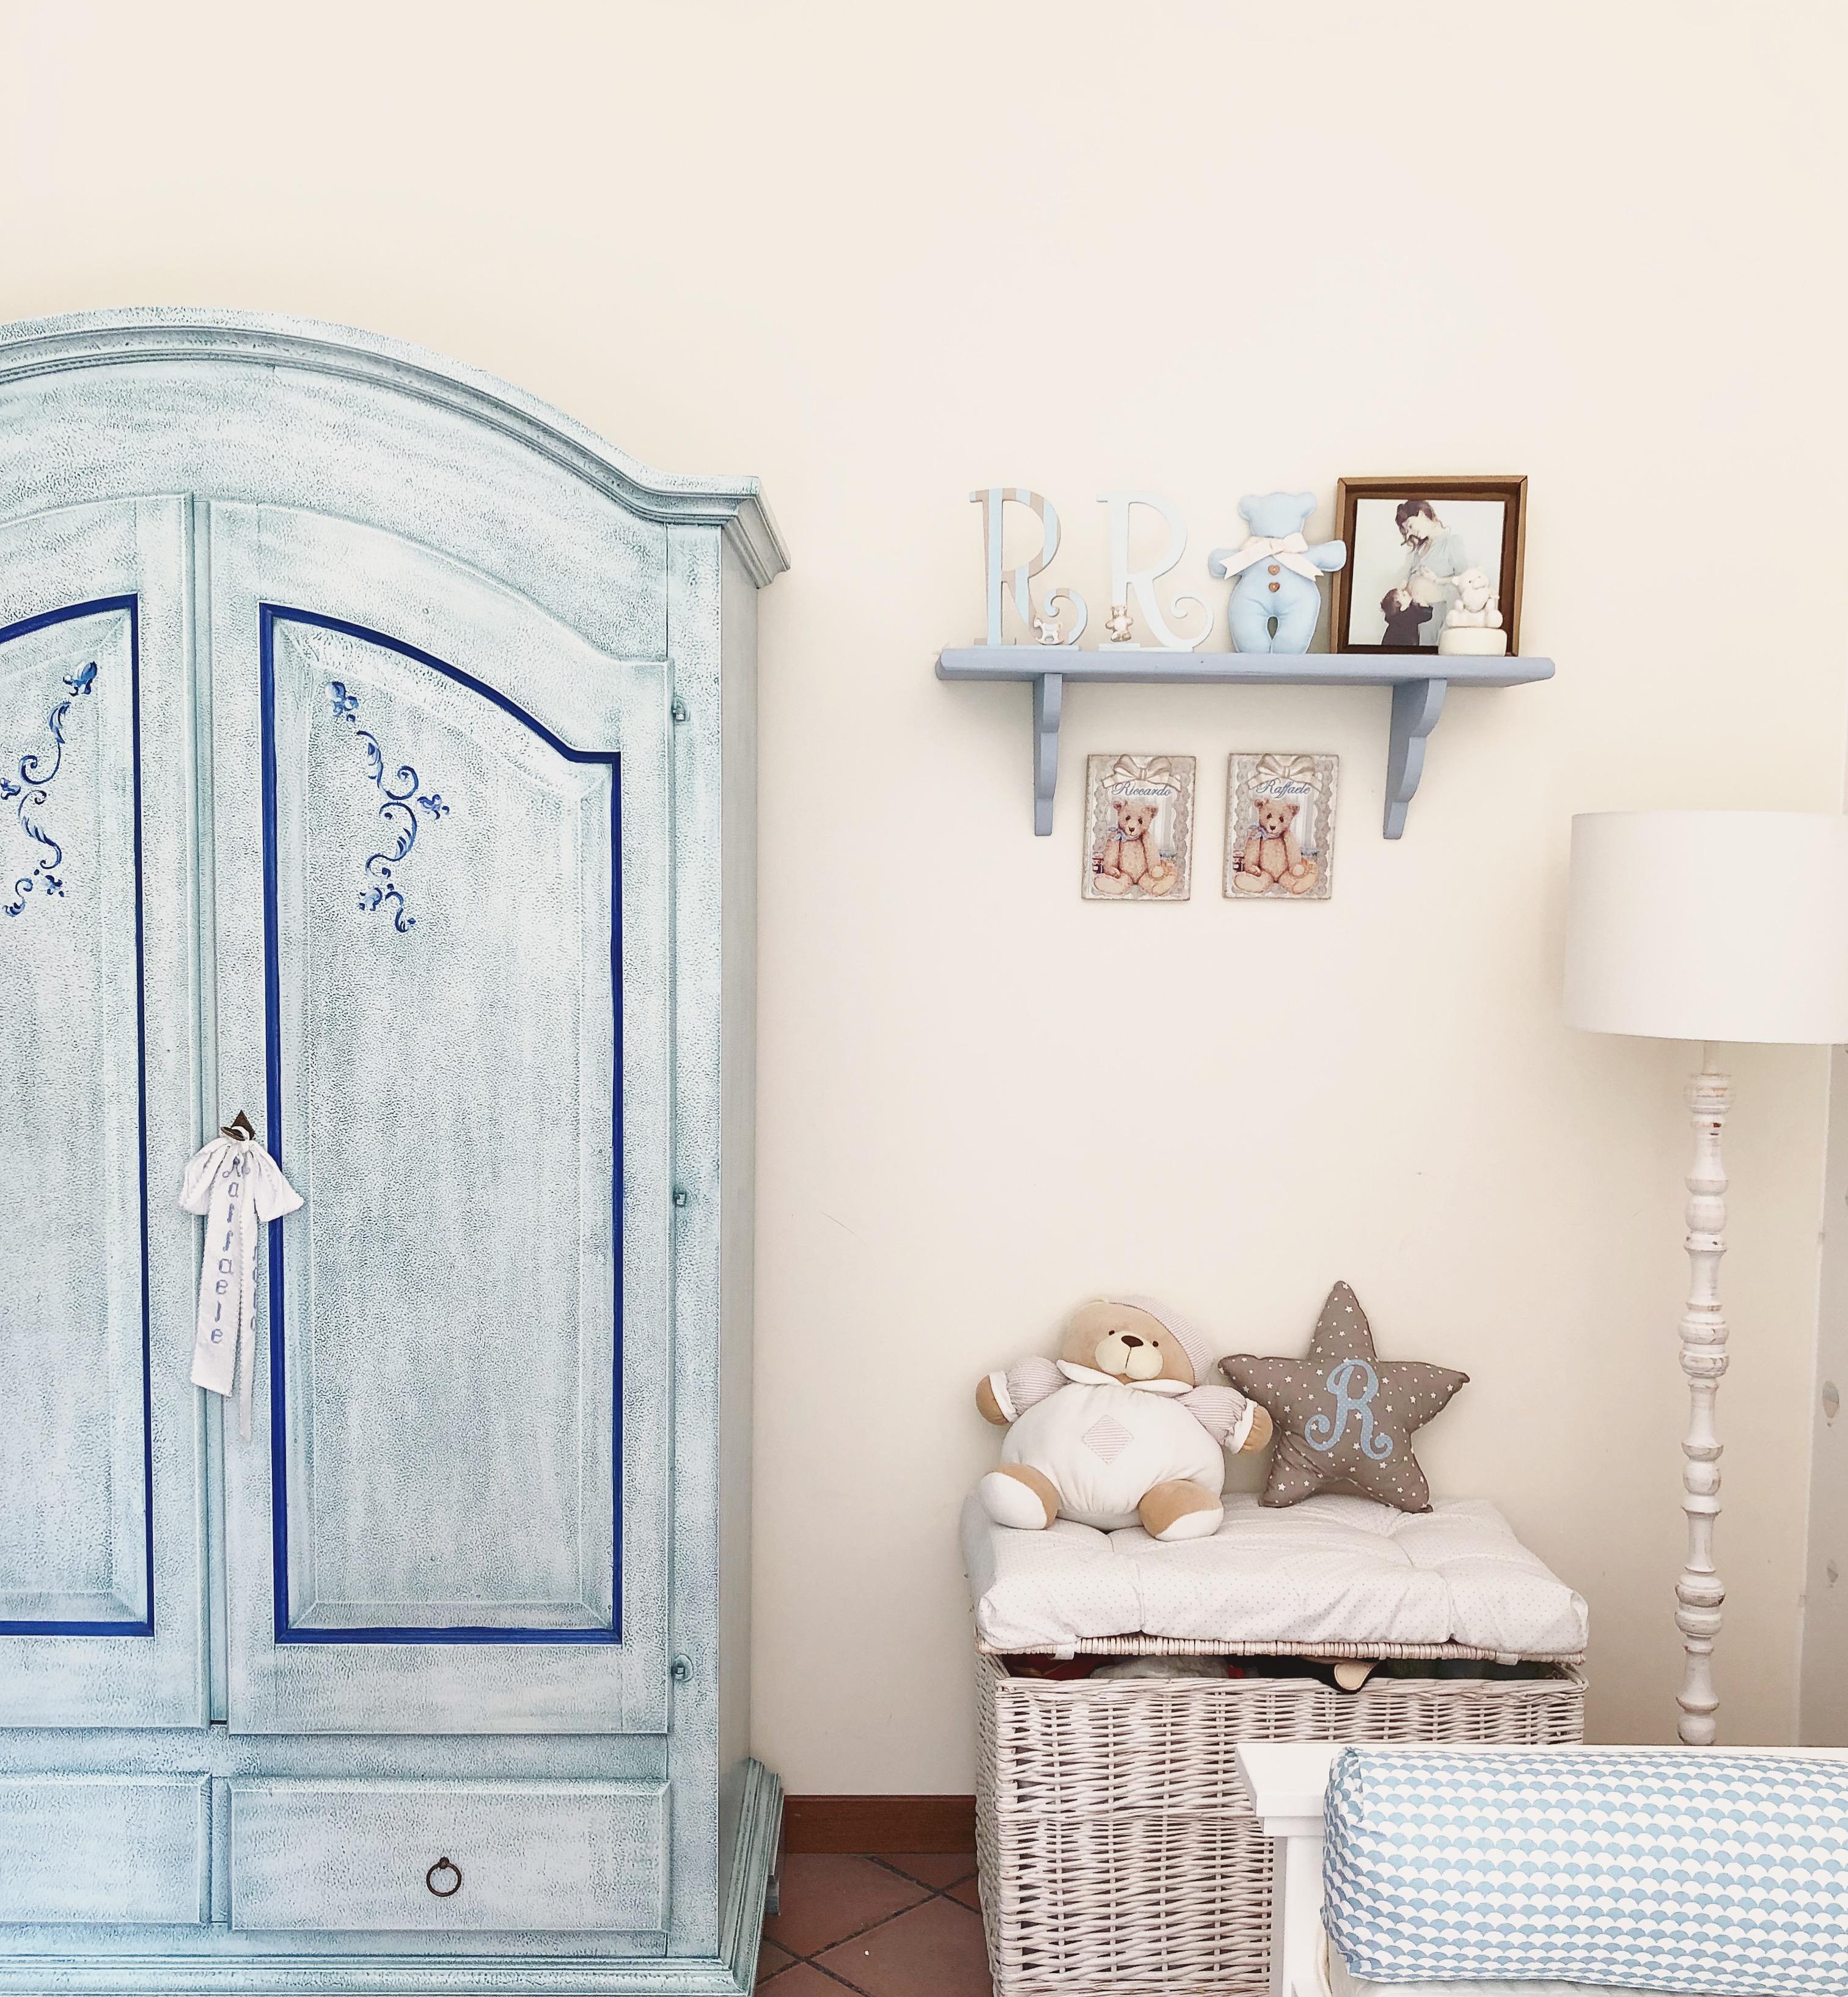 Camerette Bianche E Tortora la nostra nuova cameretta: kids and interior design